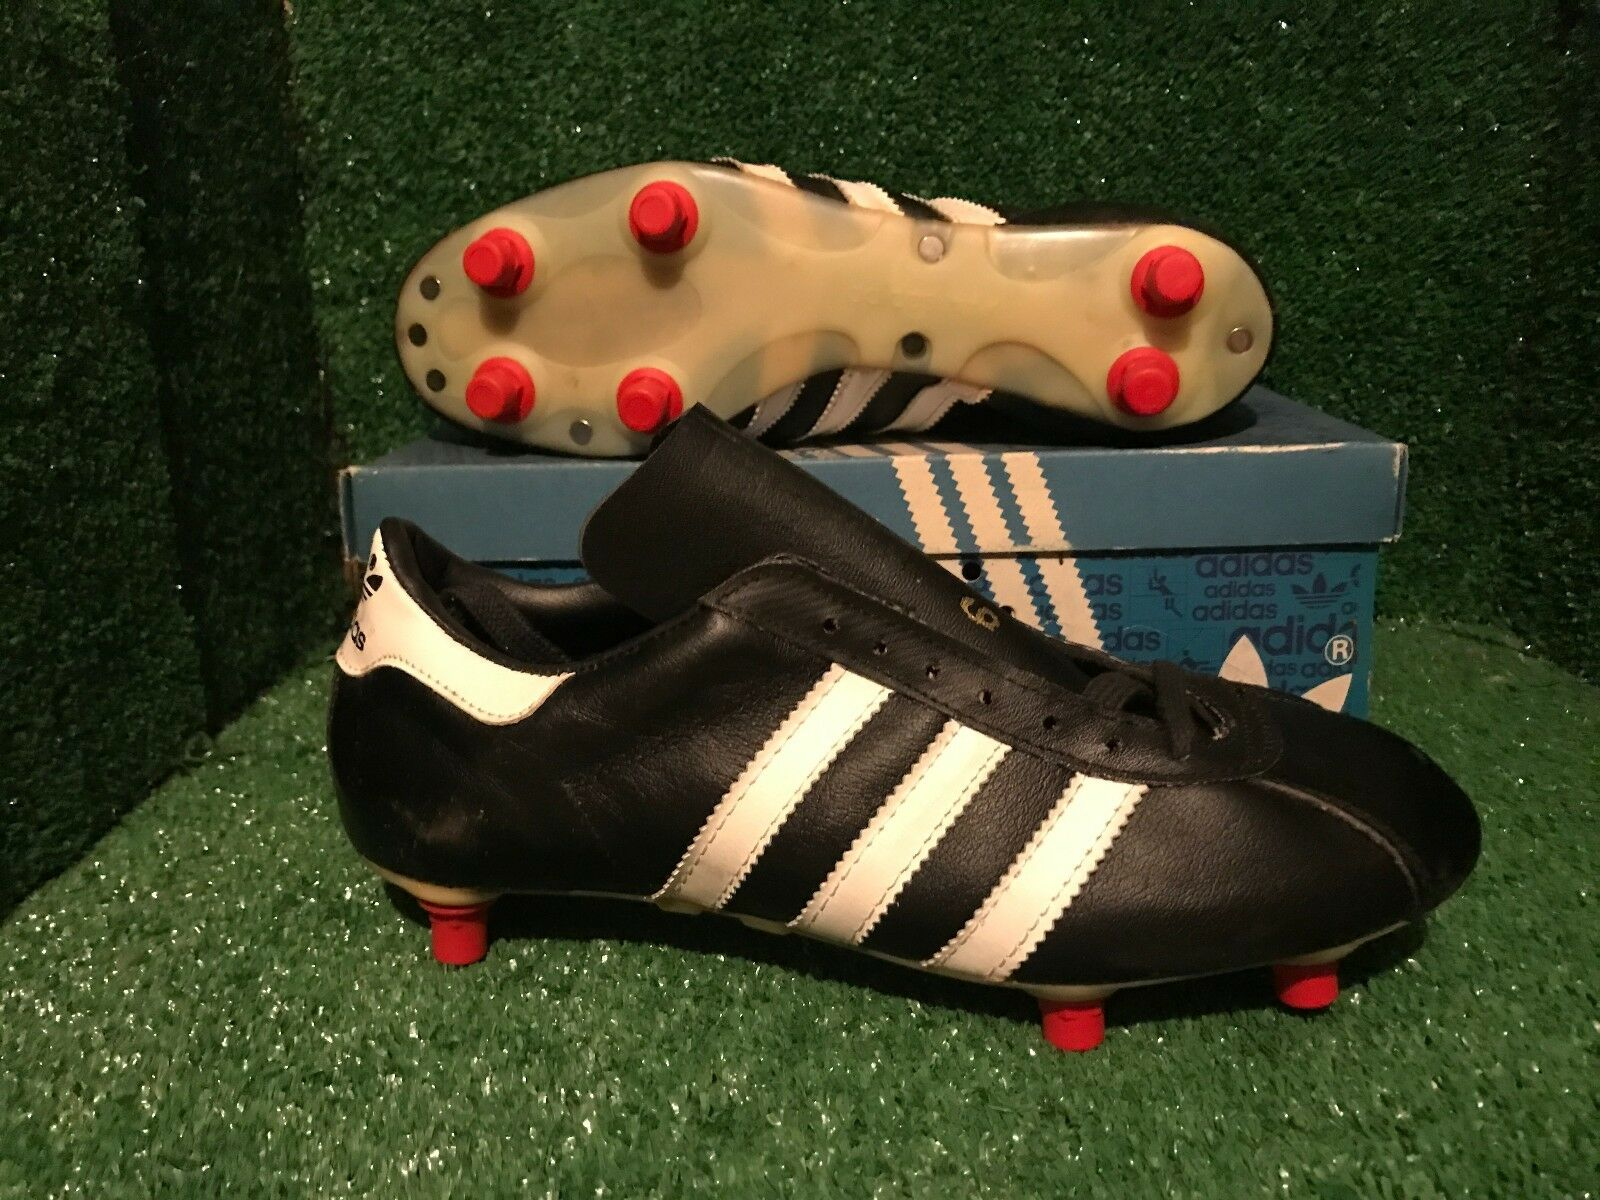 Nuevo Y En Caja Adidas botas Zapatos Botines de fútbol vintage granada Varios Tamaños DEADSTOCK